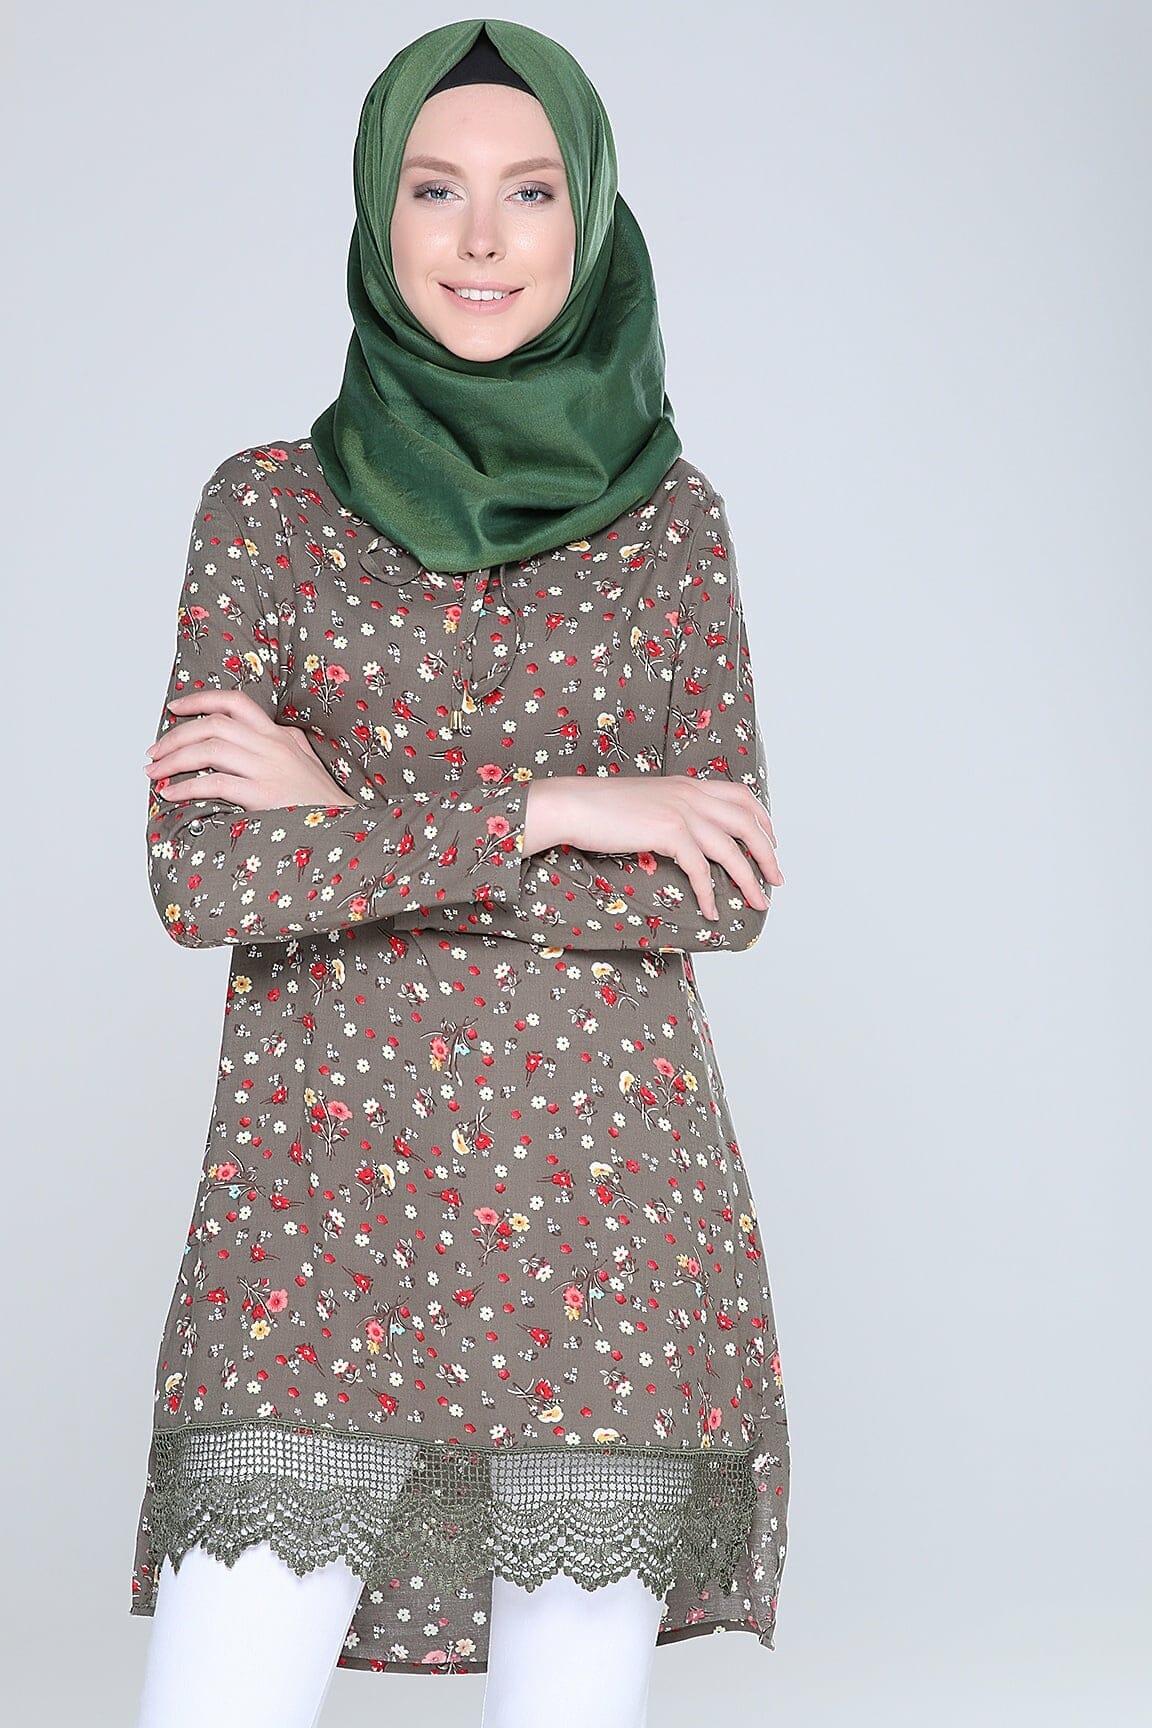 أحدث تصميمات لملابس الربيع للمحجبات جديدة